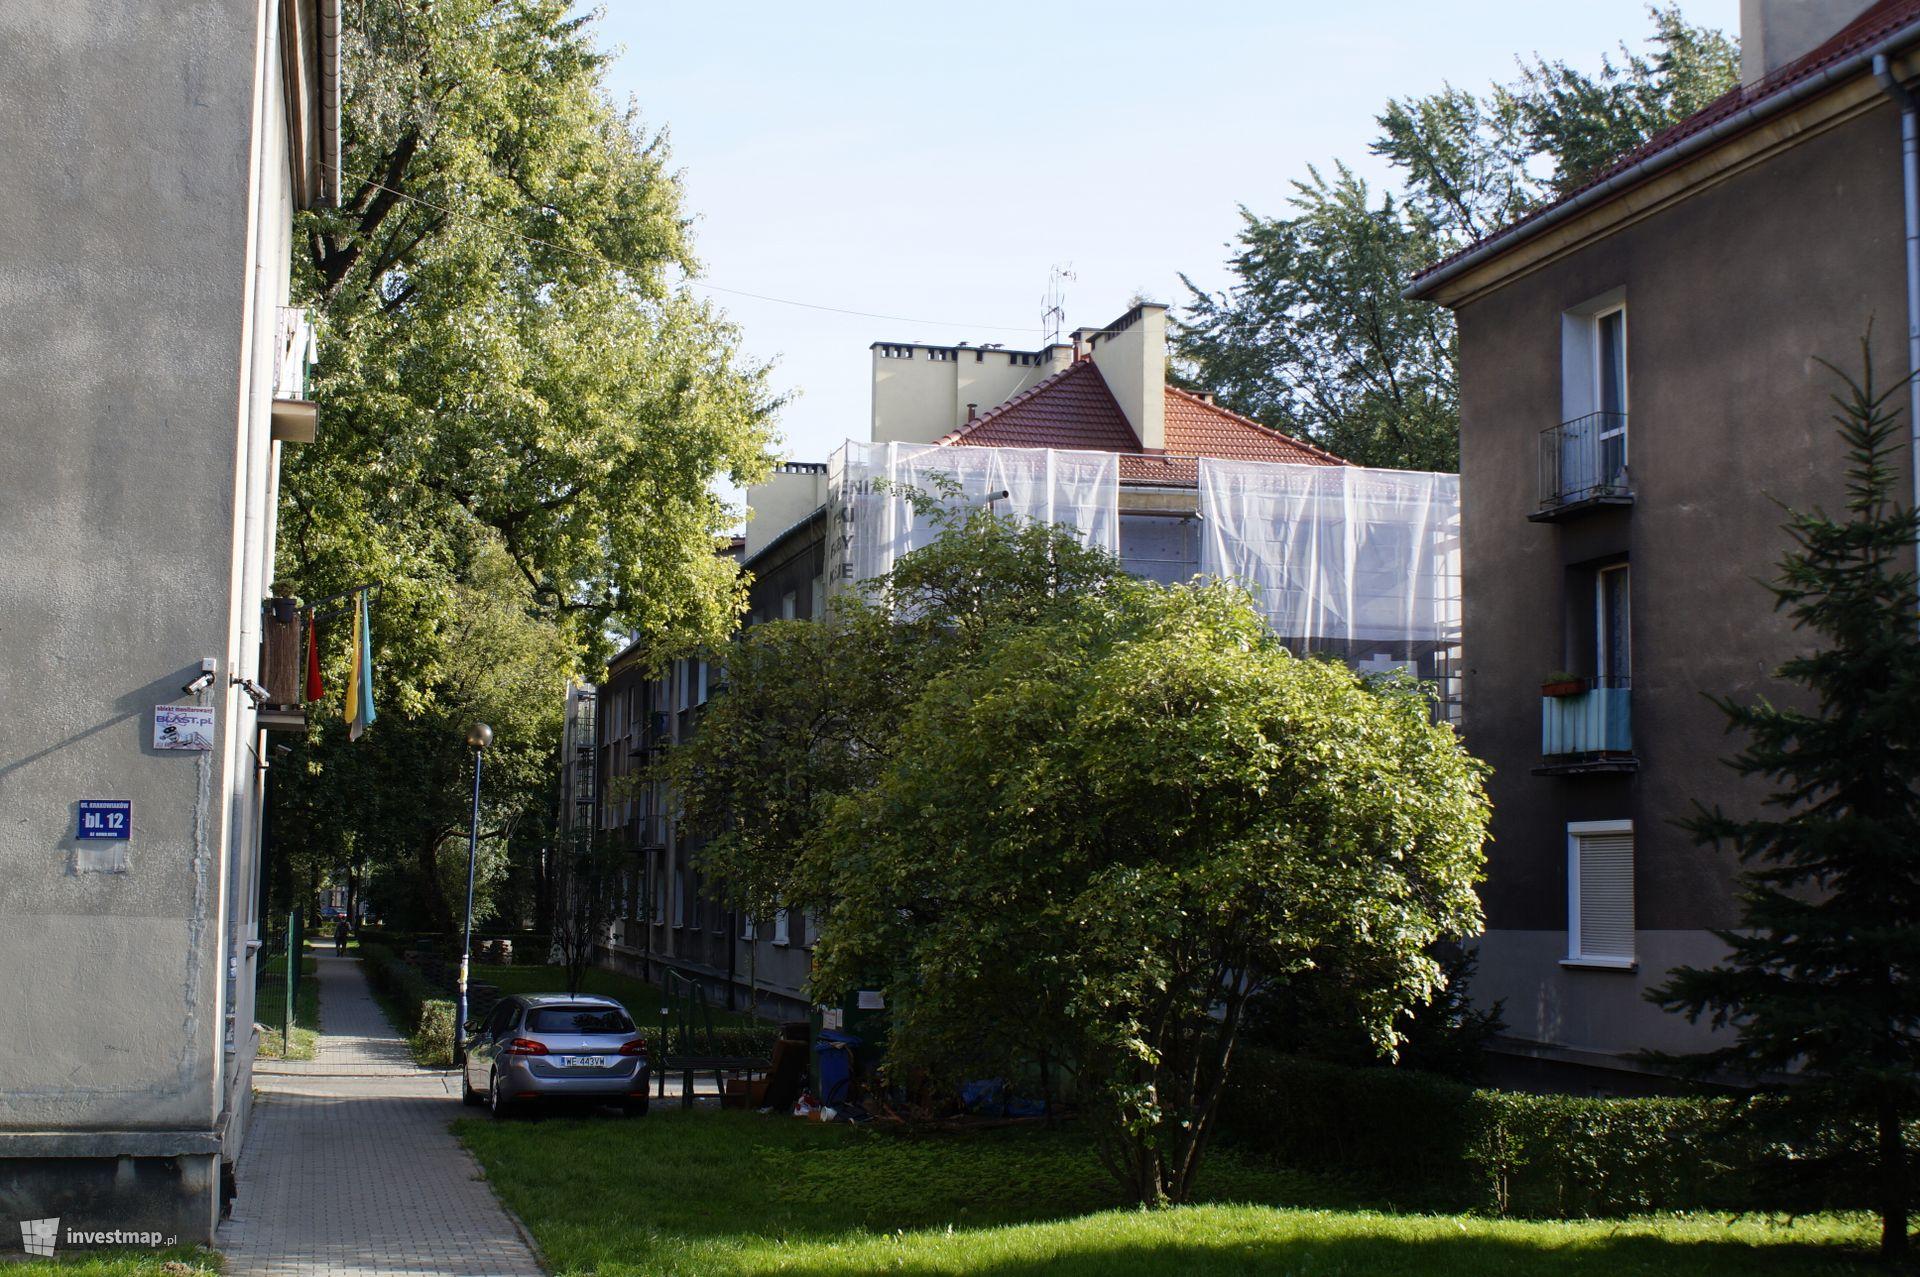 Budynek Mieszkalny, Os. Krakowiaków 10